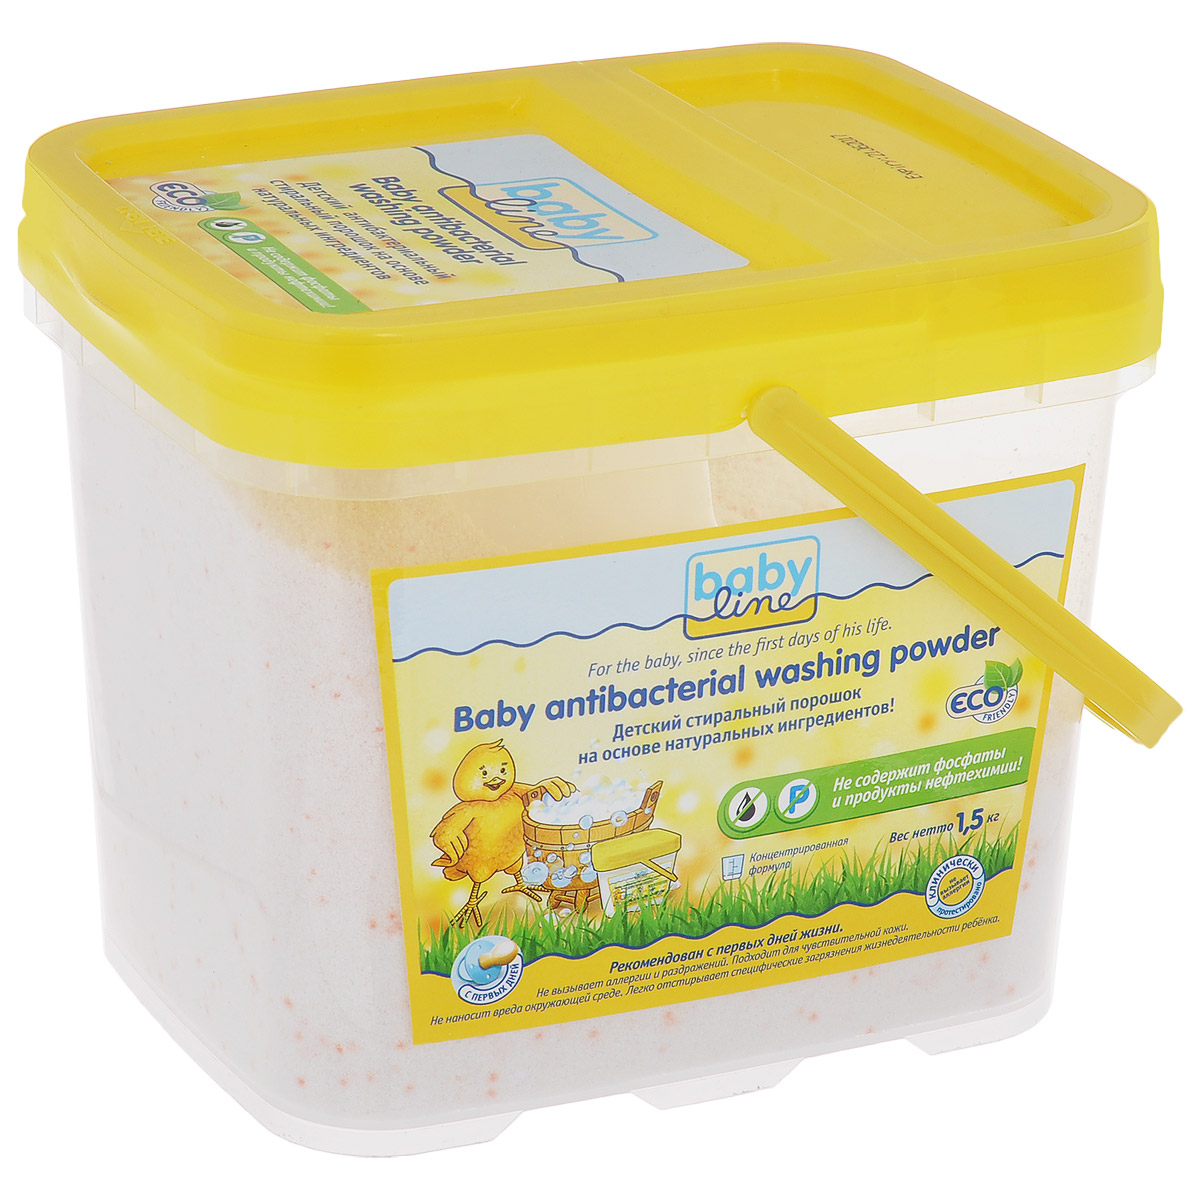 Babyline Стиральный порошок, детский, на основе натуральных ингридиентов, 1,5 кгS03301004Детский стиральный порошок на основе натуральных ингредиентов (Концентрат! 1,5 кг = 25 стирок). Рекомендован с первых дней жизни! Не содержит фосфатов и продуктов нефтехимии! Не наносит вреда окружающей среде. Не вызывает аллергии и раздражений. Подходит даже для чувствительной кожи.Подходит для стирки в автоматической стиральной машине.